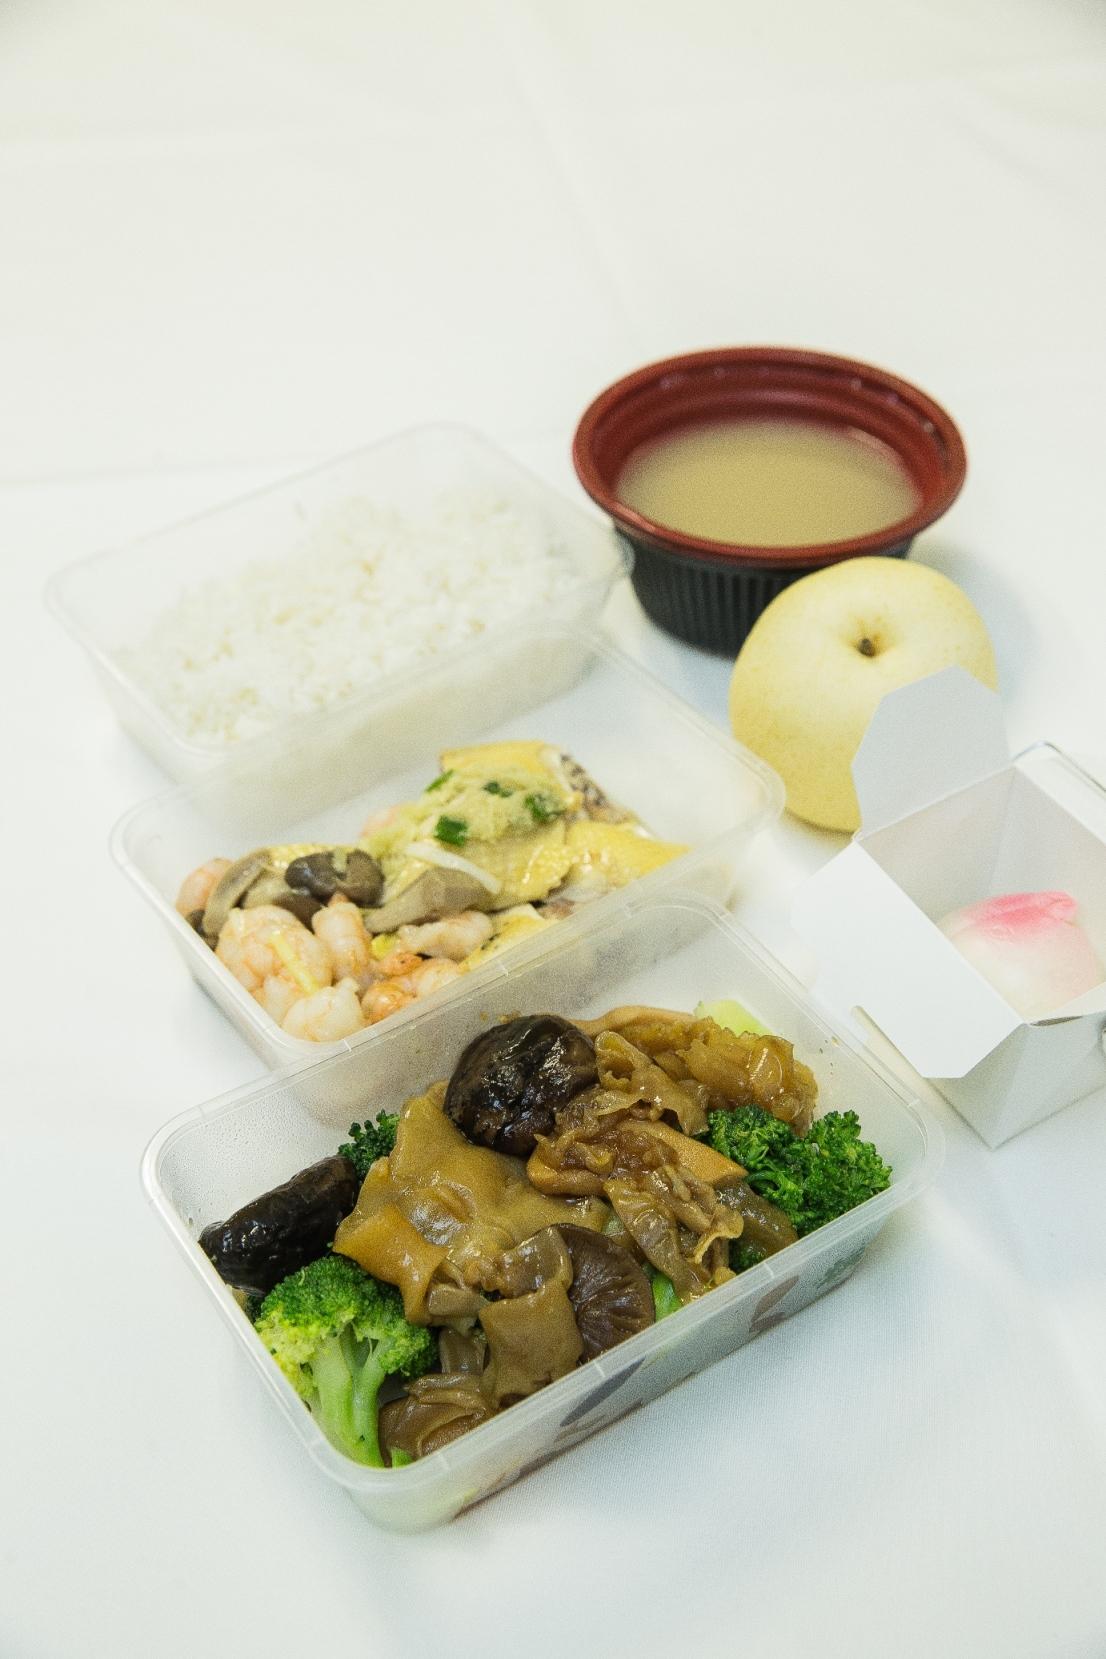 澳门金沙向本地出租车司机赠送特色餐盒共庆开业十三周年志庆